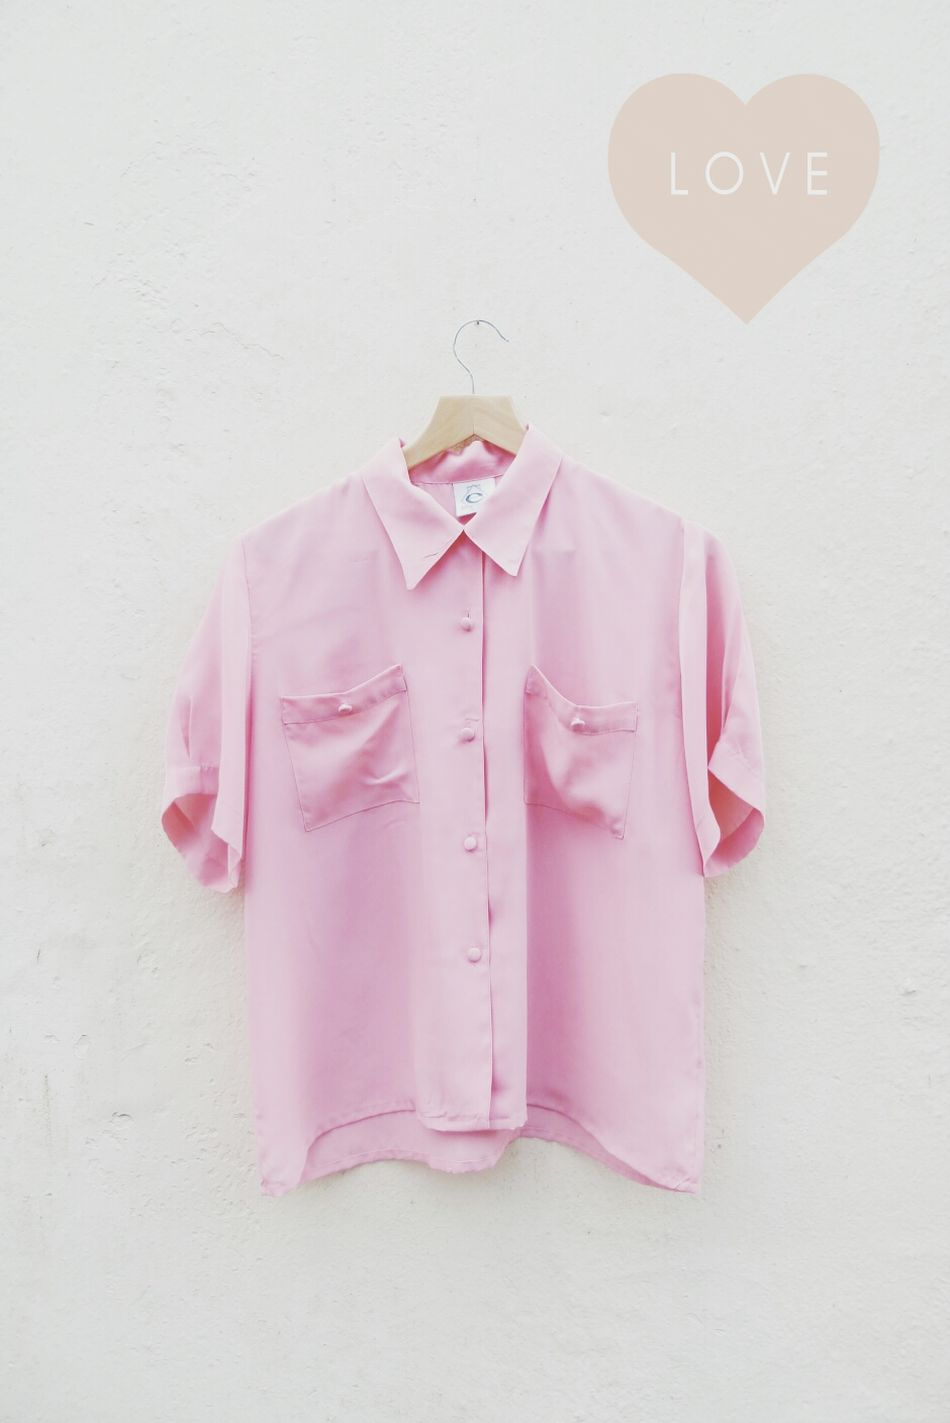 Pink Pocket Blouse | www.lilyandlacevintage.co.uk | Pink Blouse Vintage Clothes Lily & Lace Vintage